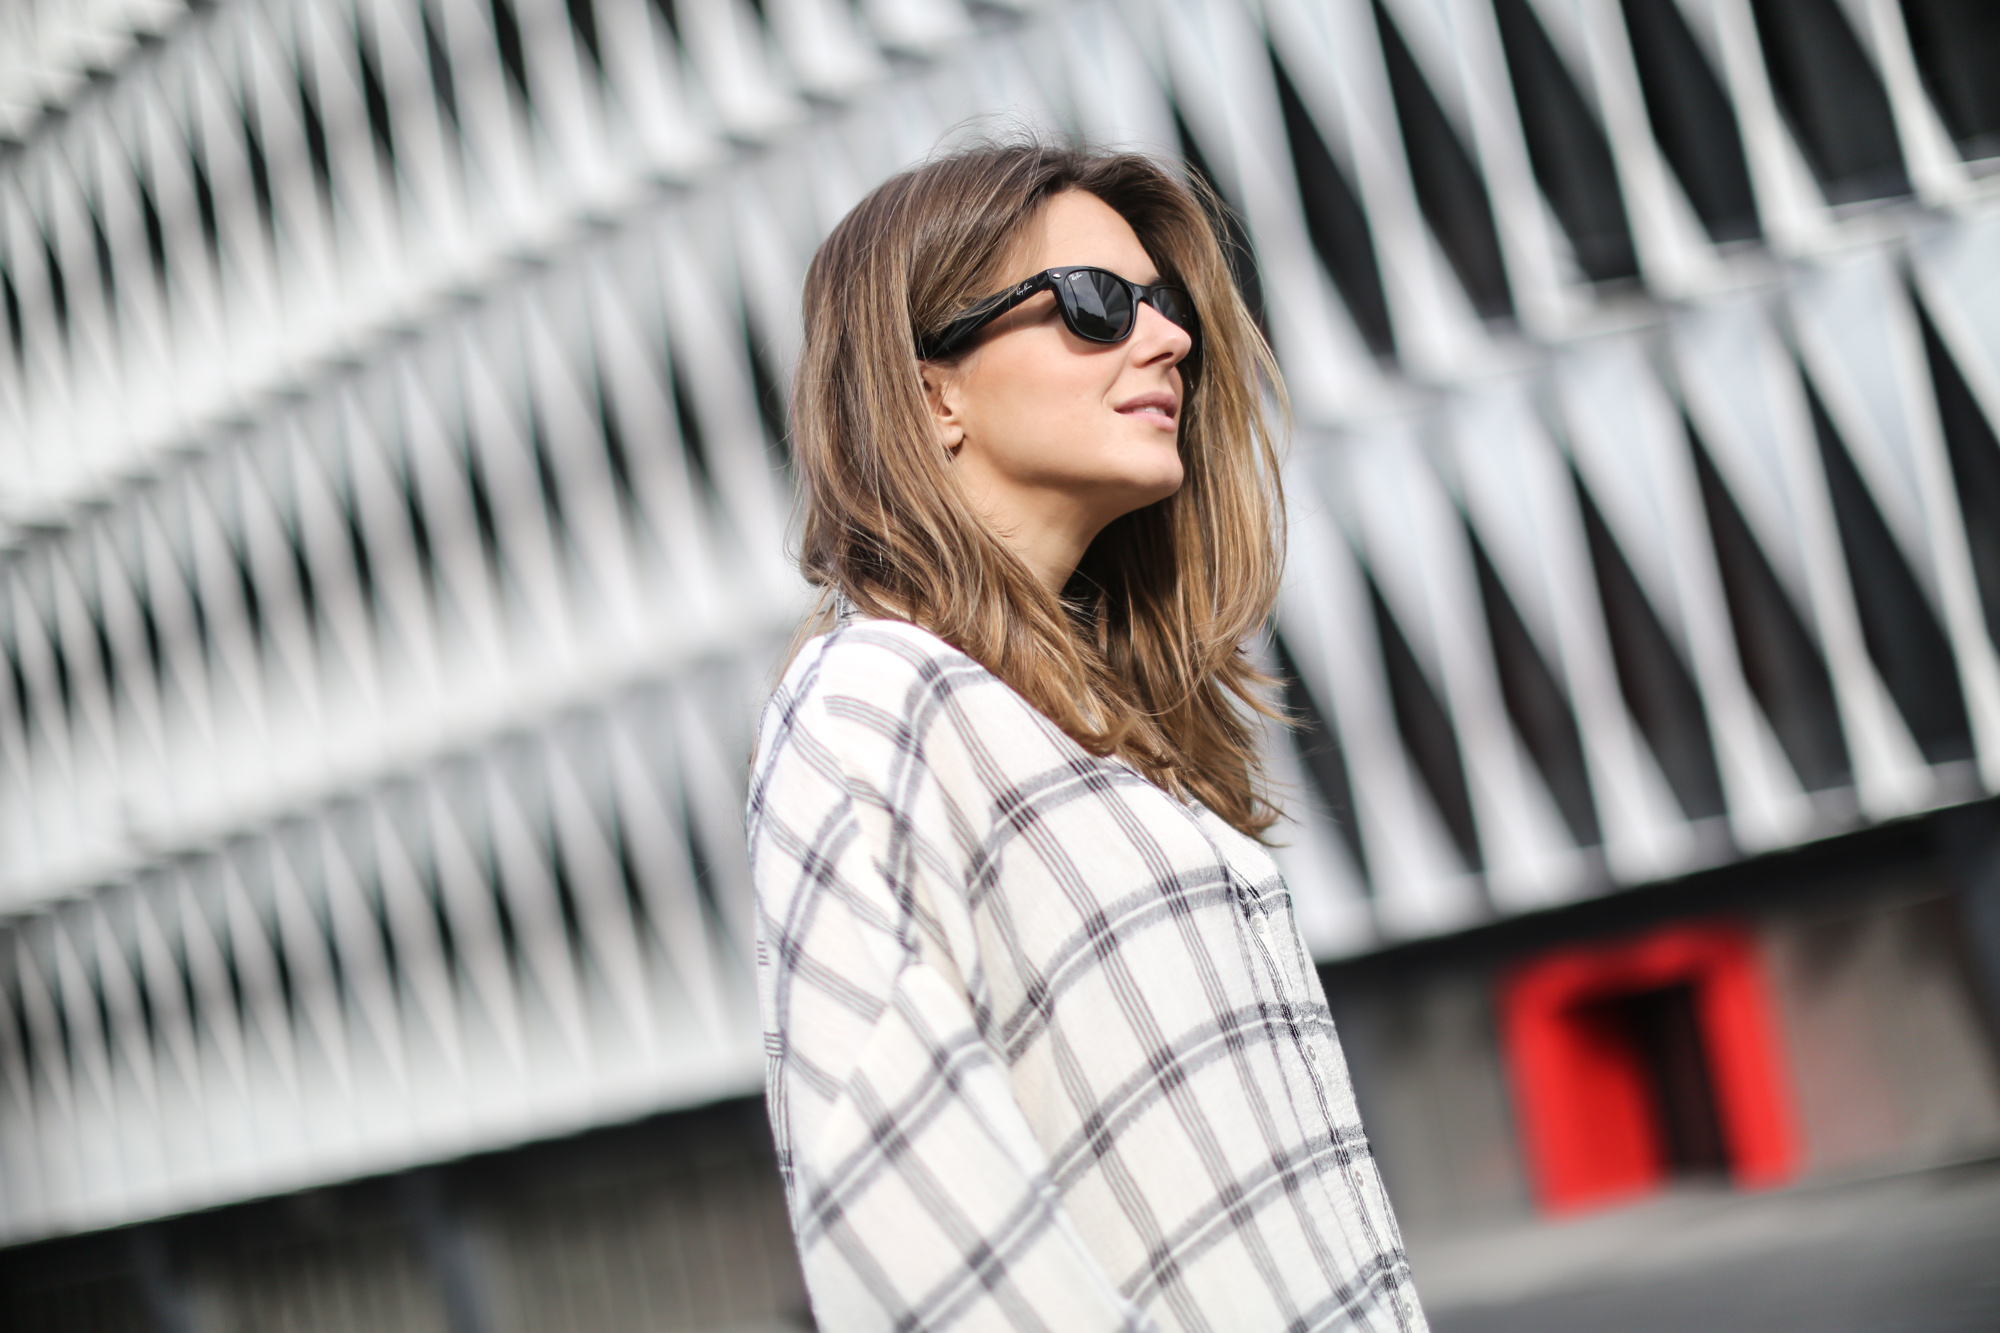 Clochet-streetstyle-isabel-marant-etoile-parka-highwaisted-jeans-kitten-heels-8